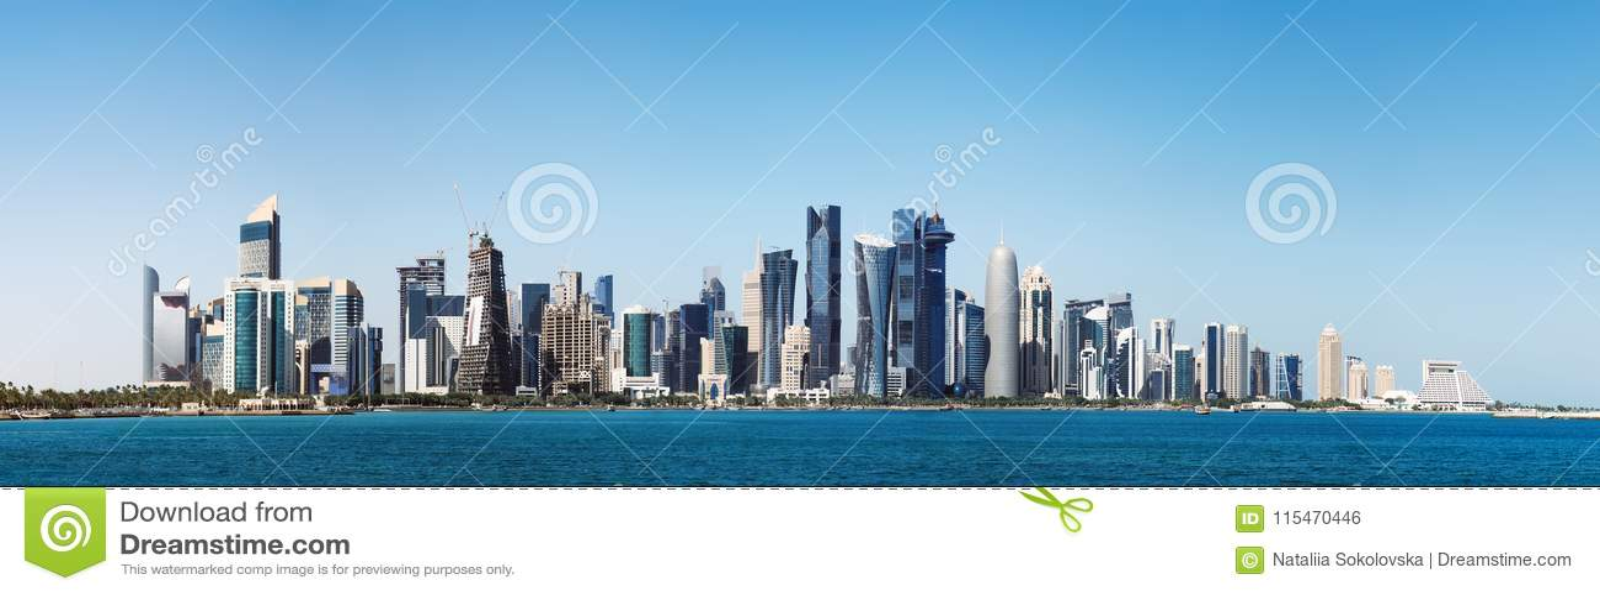 Futurystyczna linia horyzontu Doha w Katar